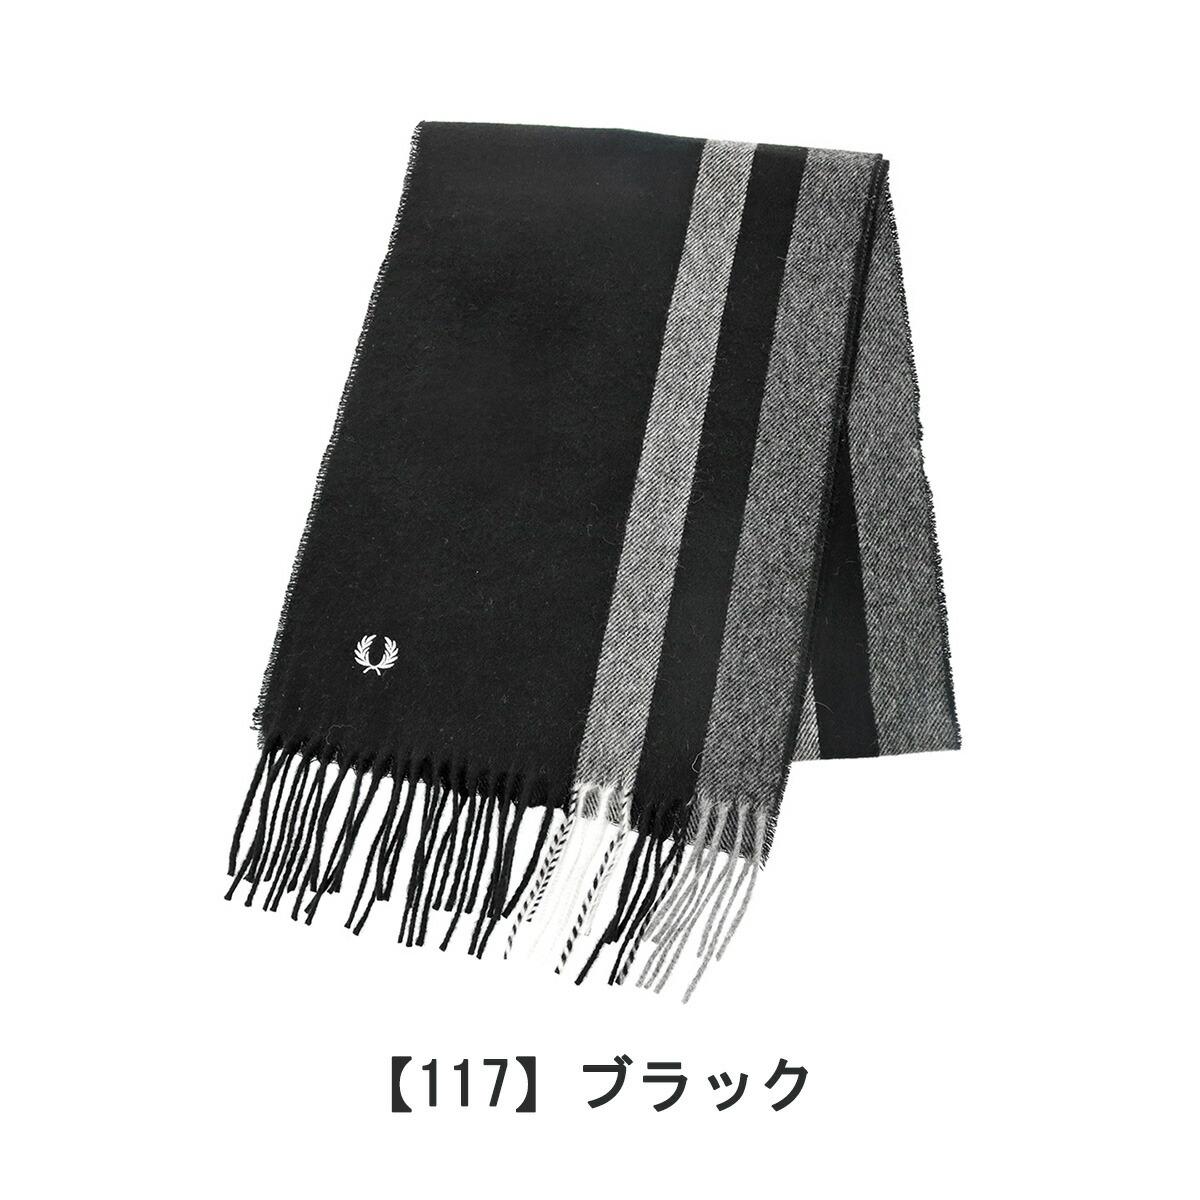 【117】ブラック